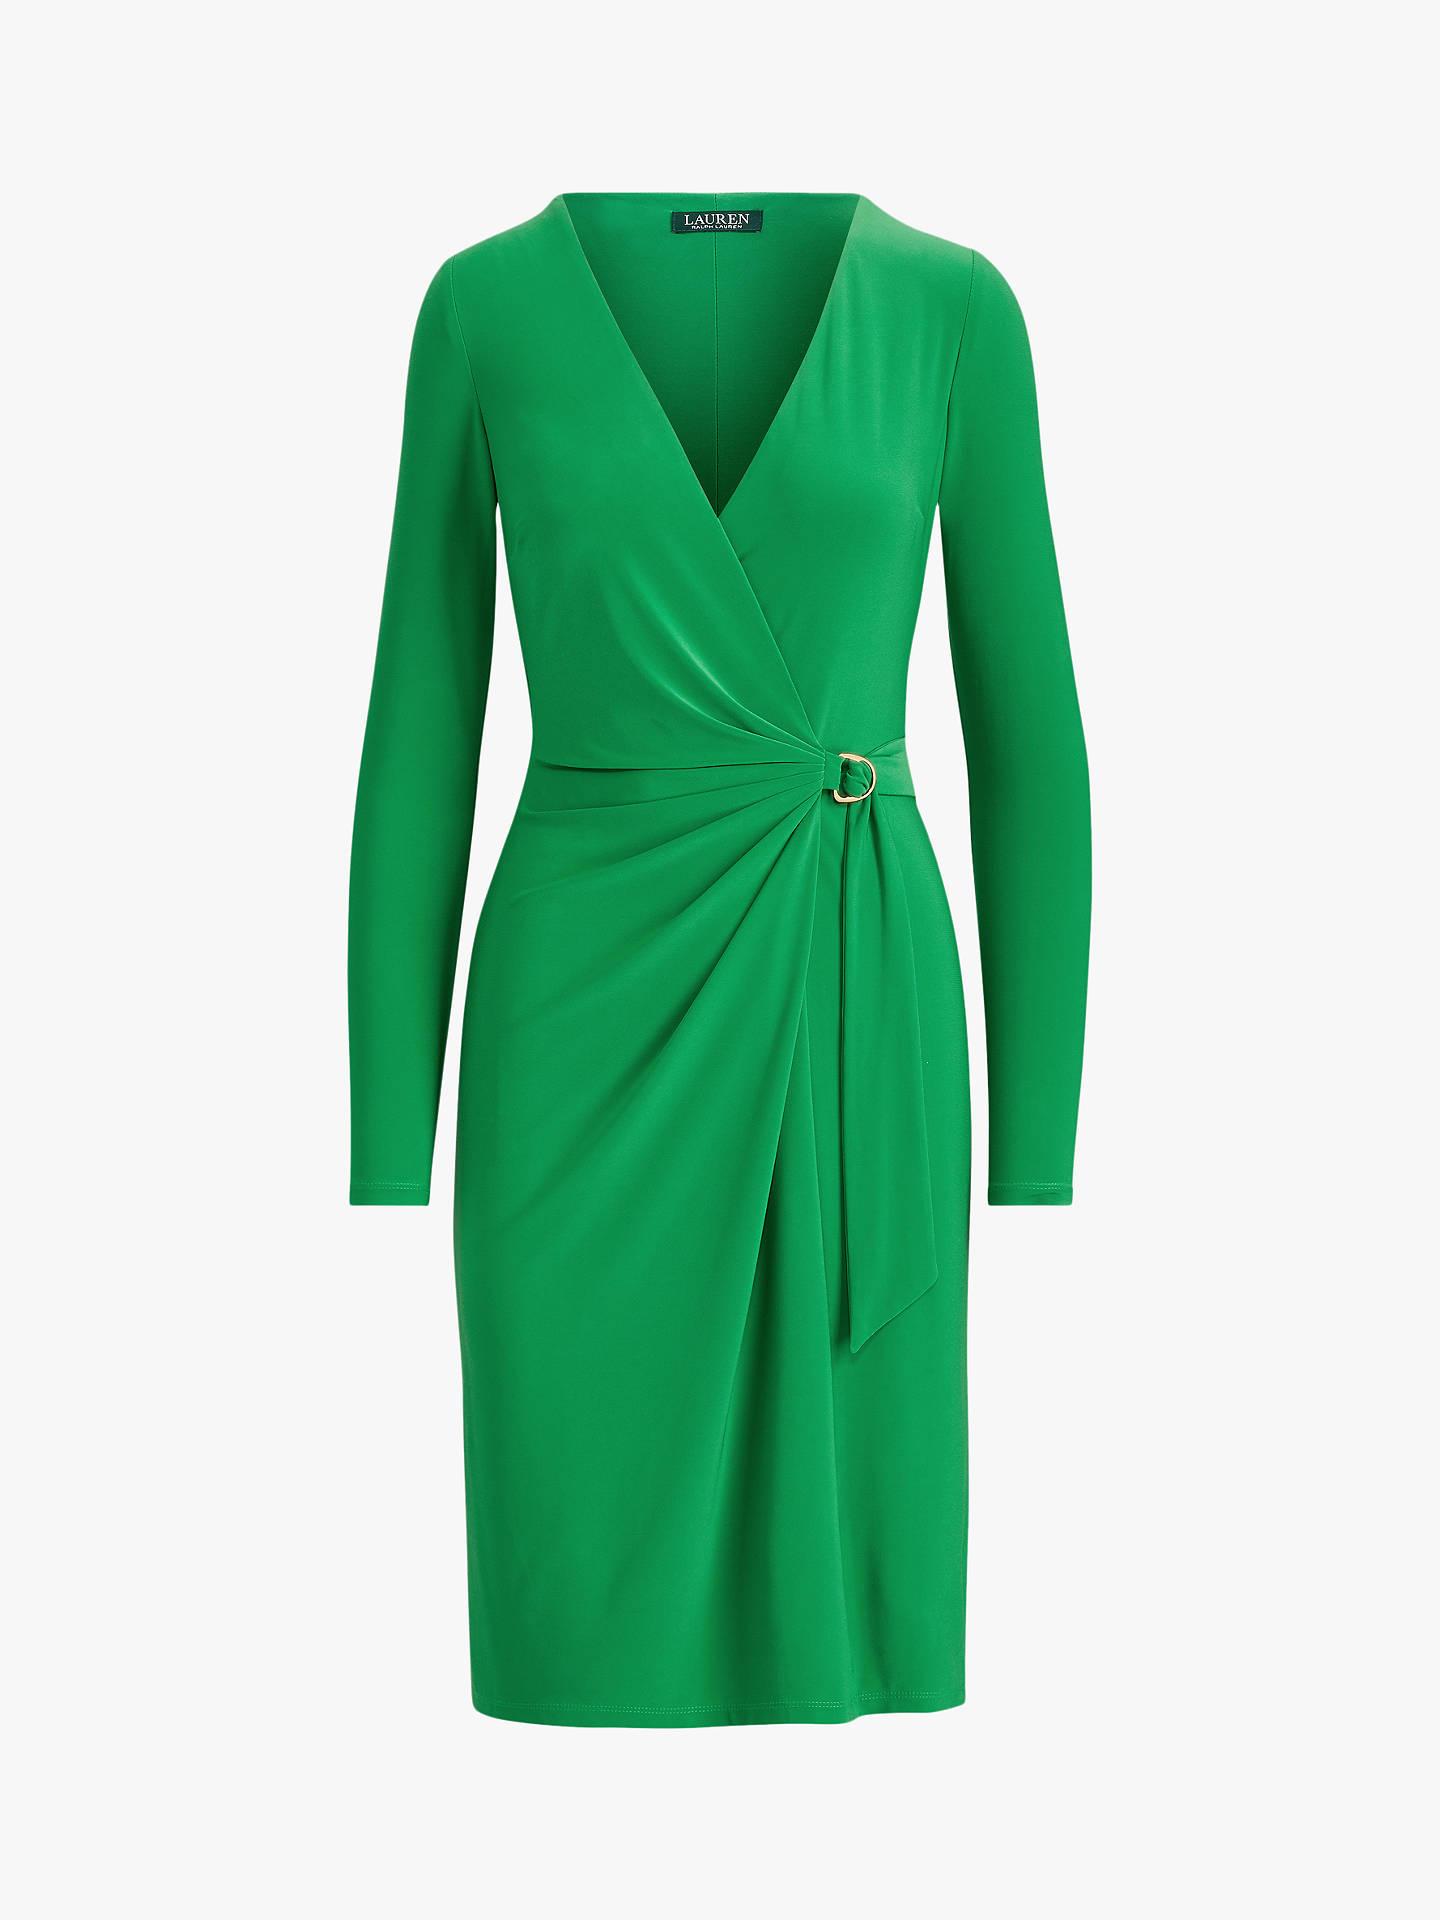 b689f20a848 ... Buy Lauren Ralph Lauren Casondra Dress